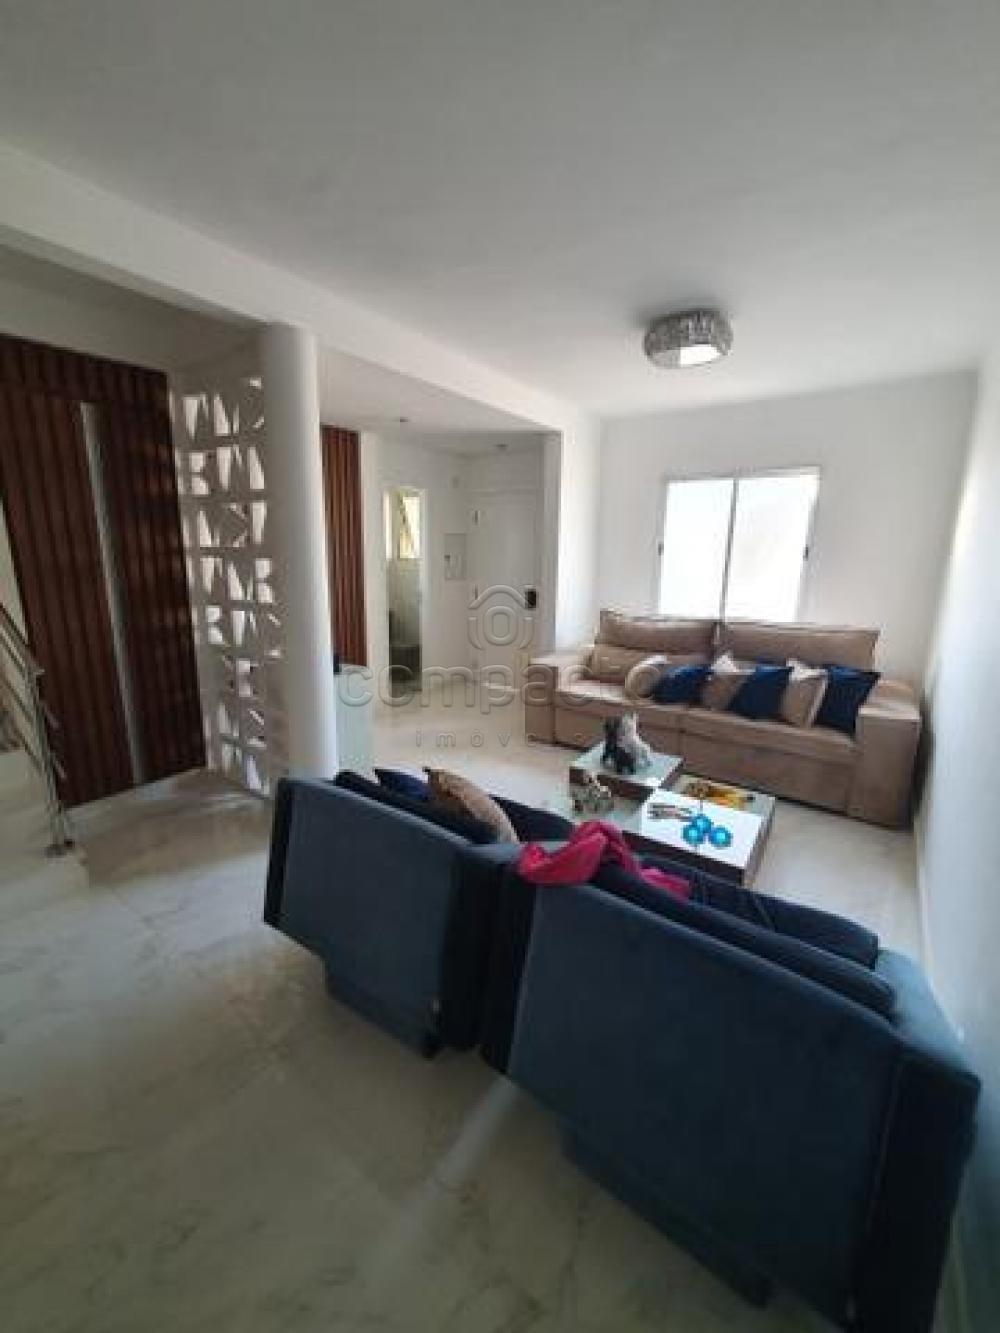 Comprar Casa / Condomínio em São José do Rio Preto apenas R$ 535.000,00 - Foto 5